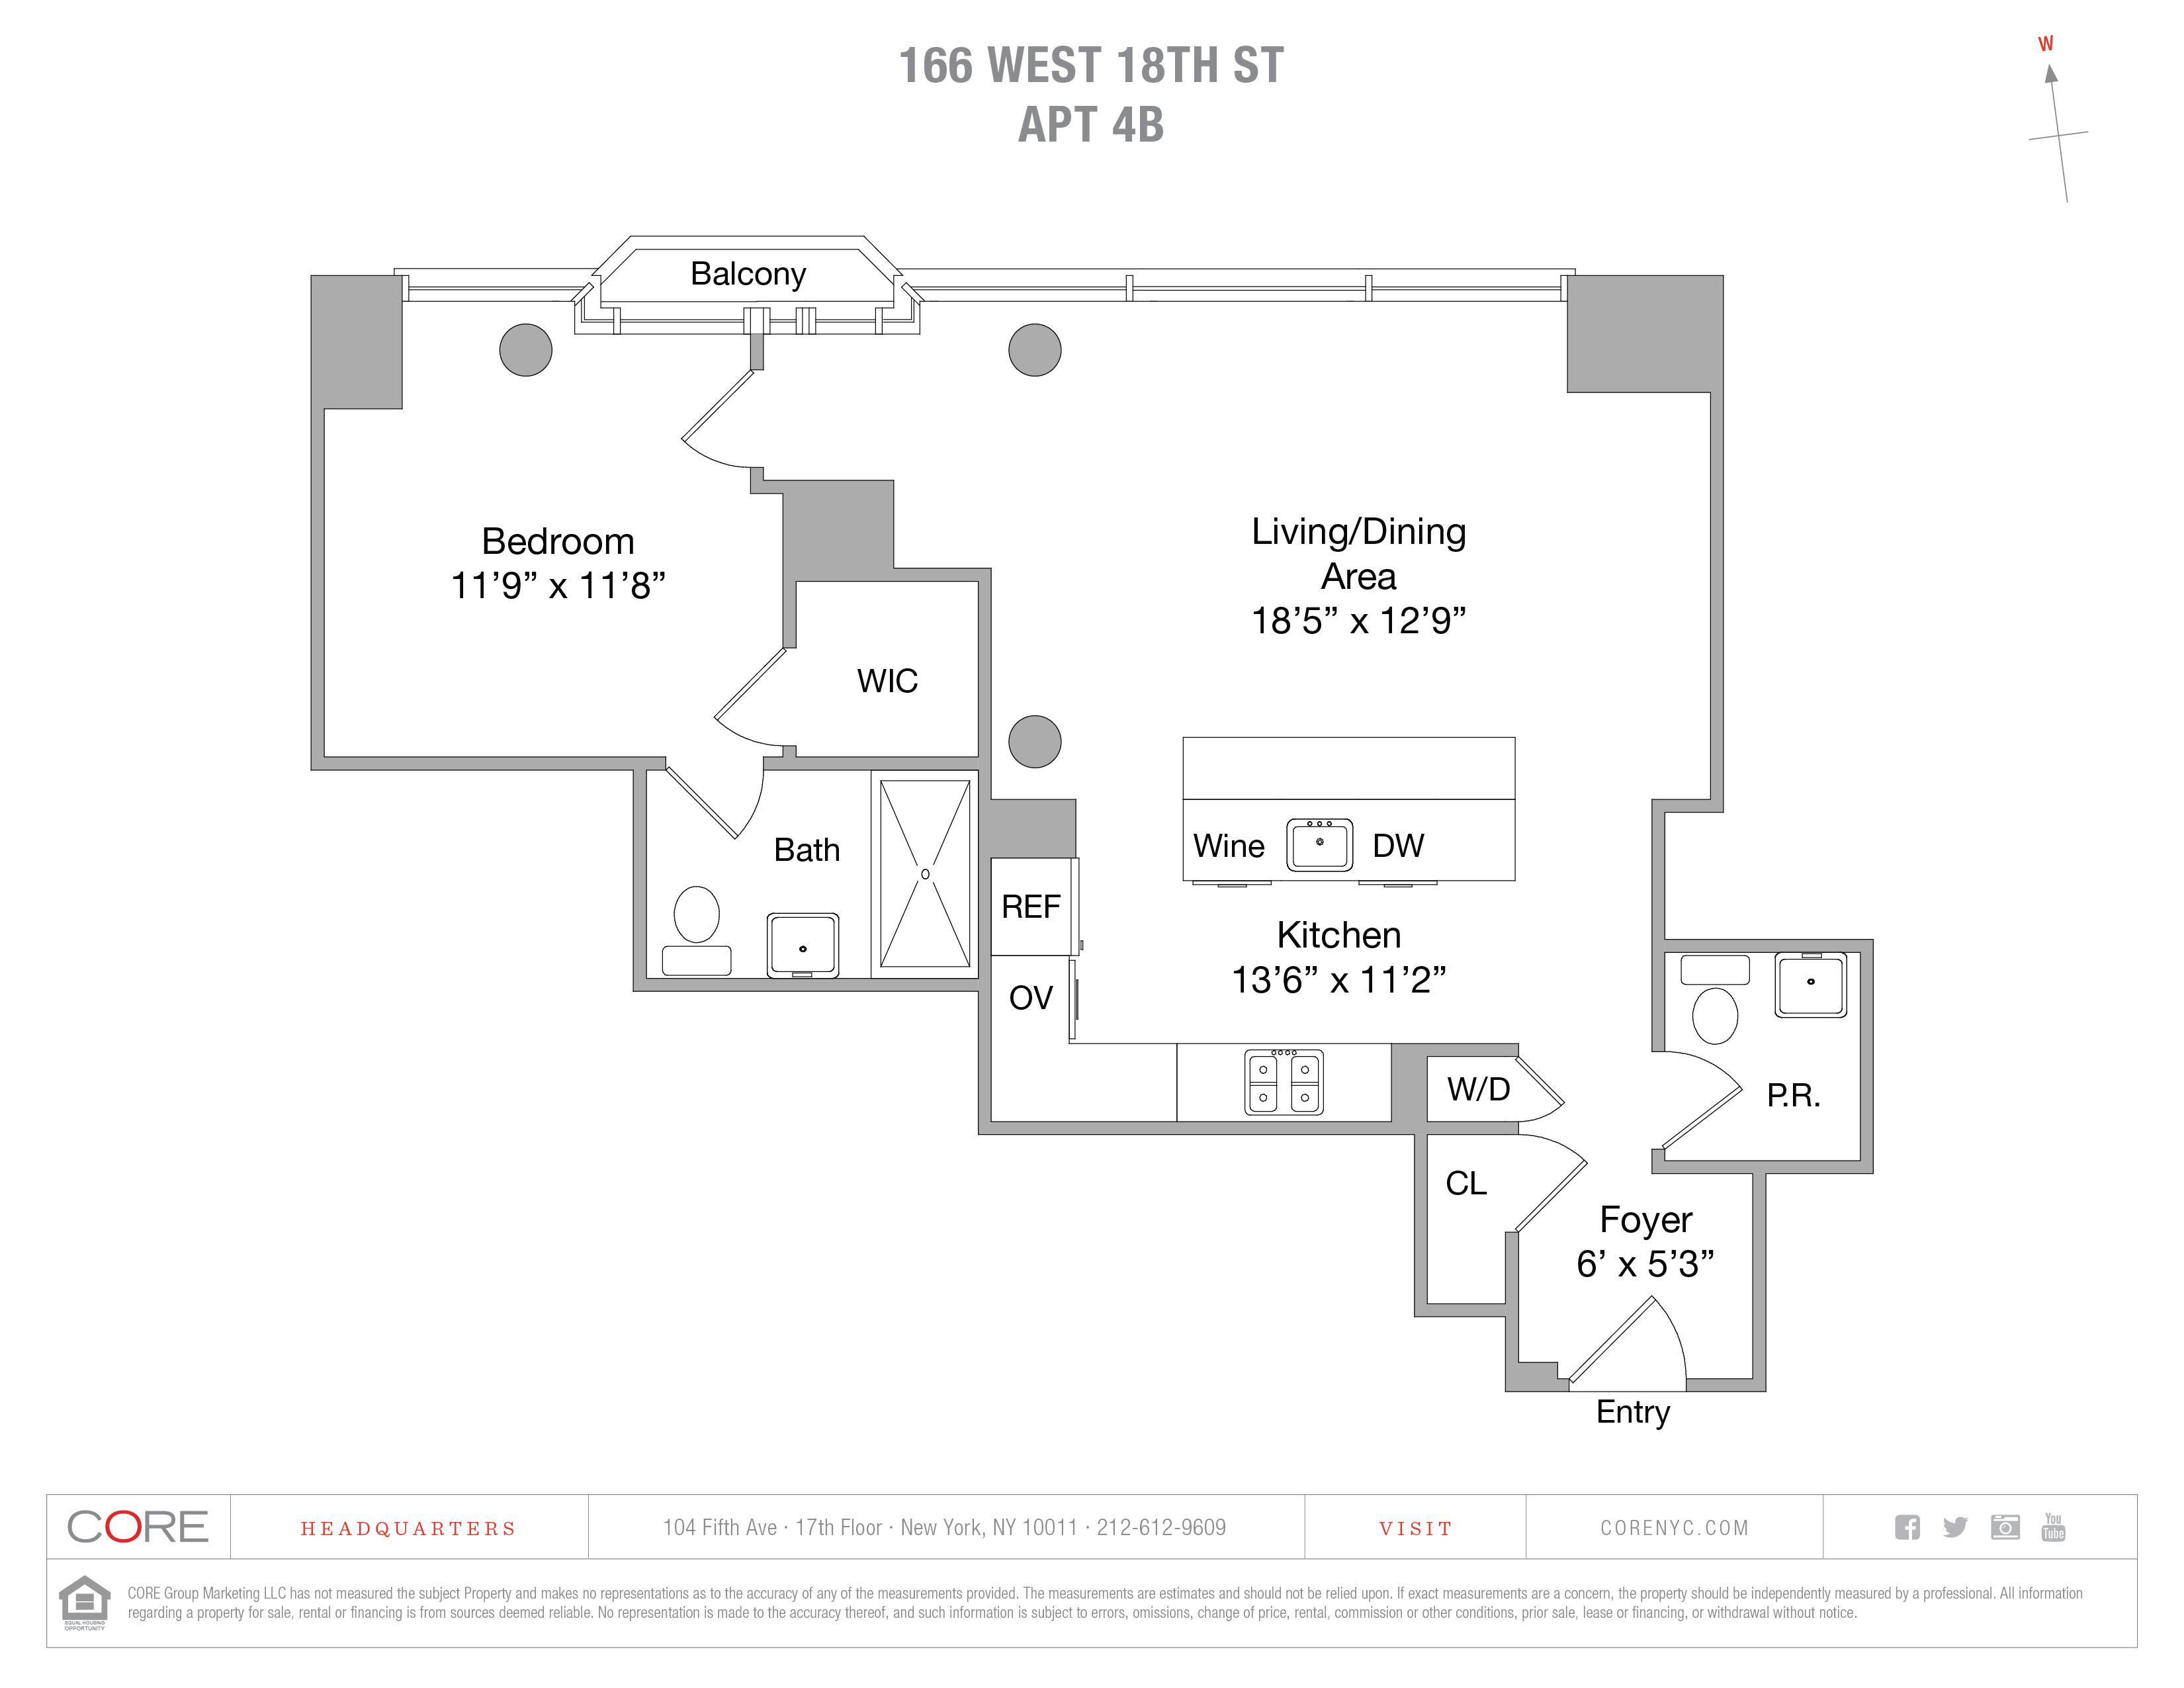 166 West 18th St. 4B, New York, NY 10011